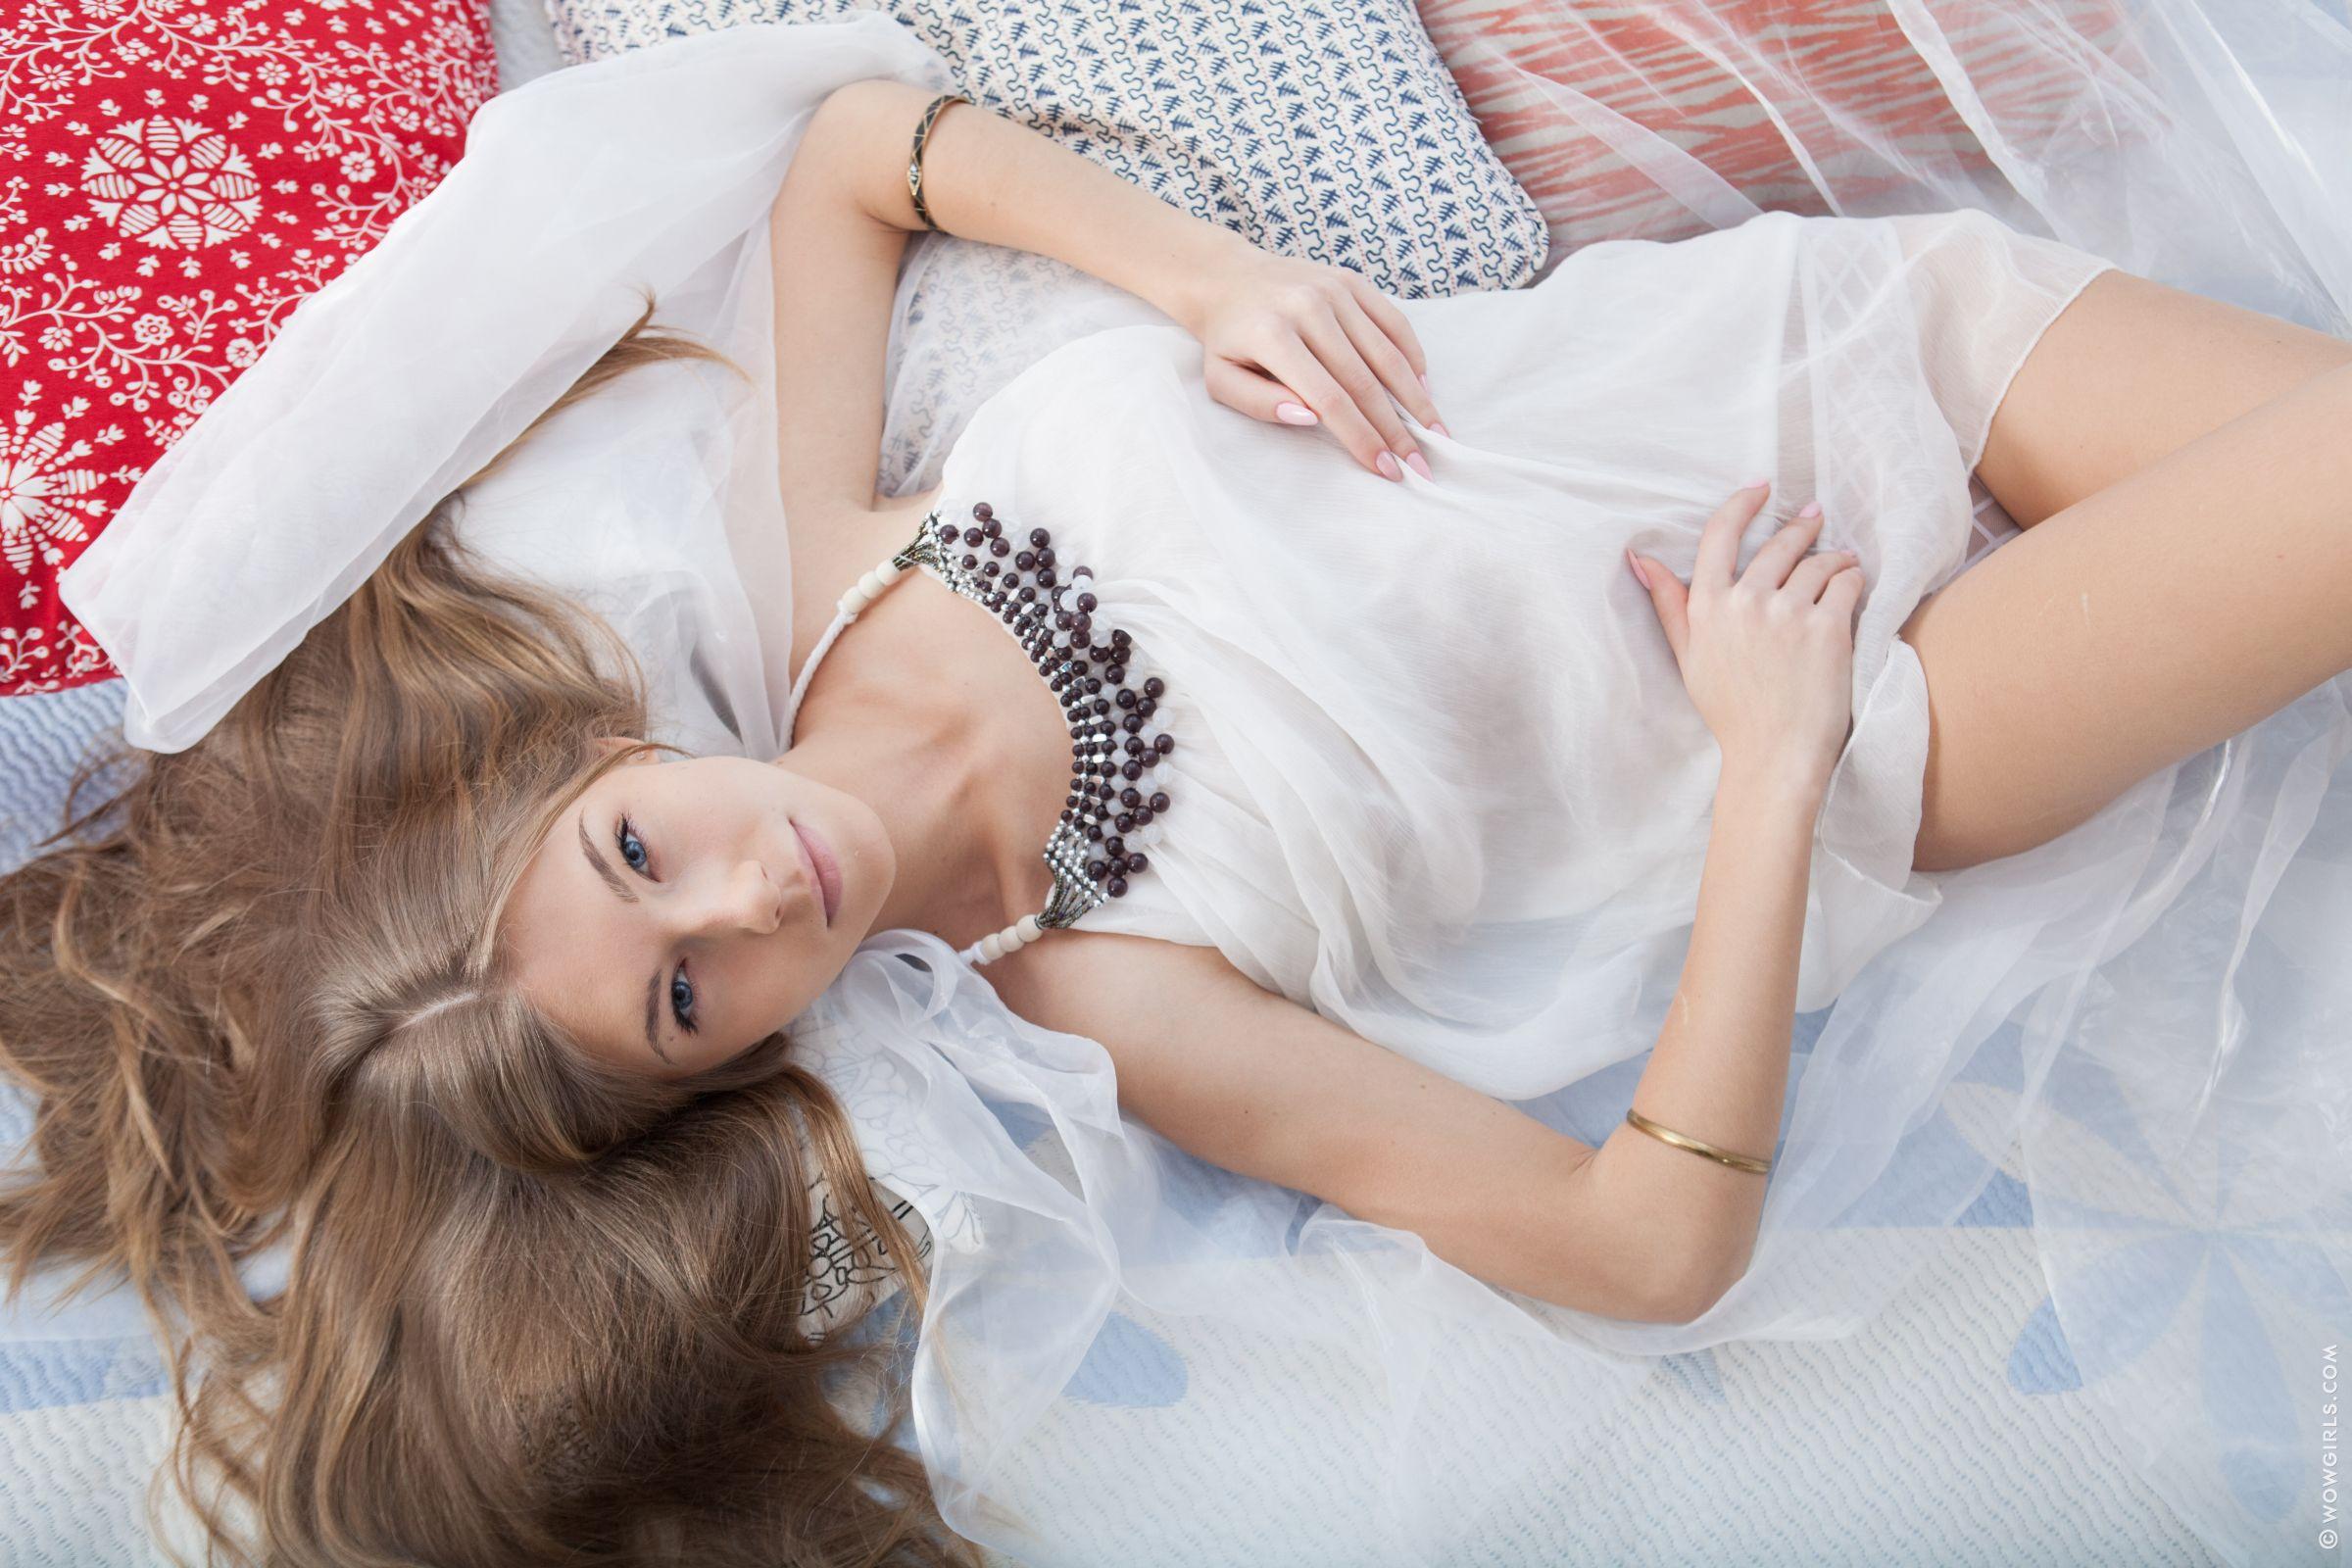 Выстрел спермы - Компеляция с участием Abby (AKA Anjelica) / Abby (AKA Anjelica) Cumshot Compilation [Сборник] / 2012 / SiteRip